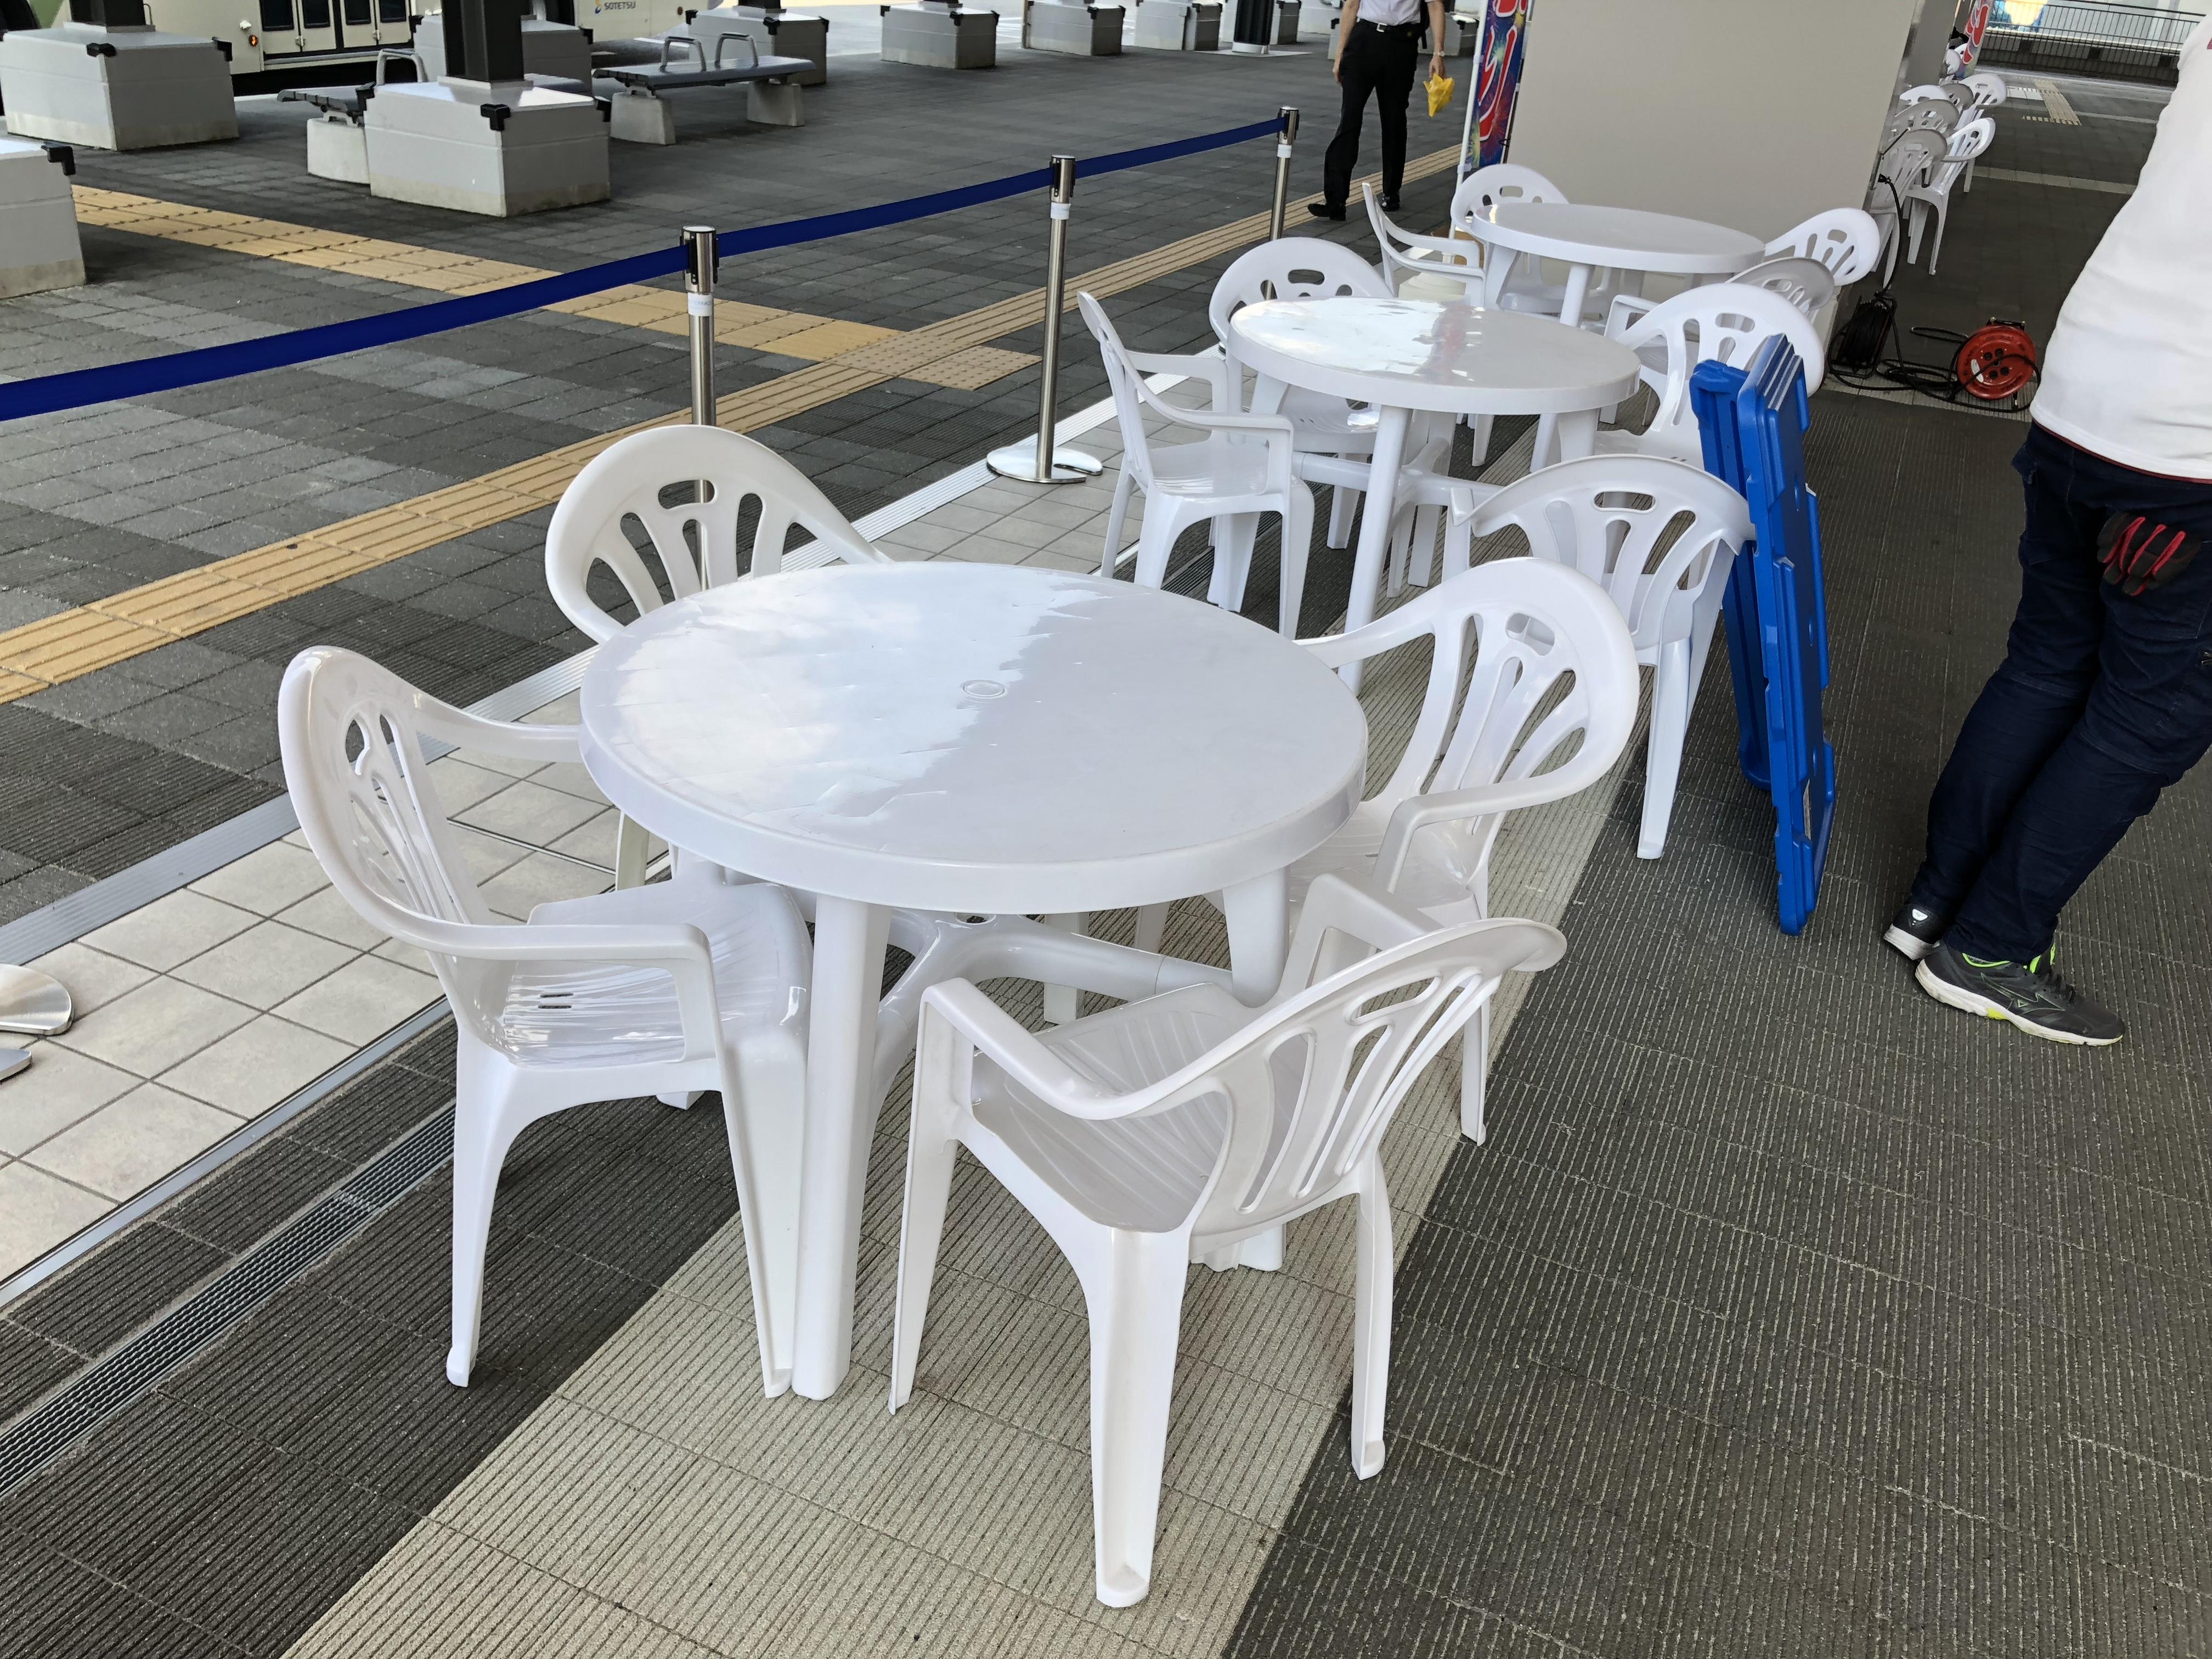 お問い合わせが増えてきている樹脂ガーデンテーブルなら神奈川イベント会社